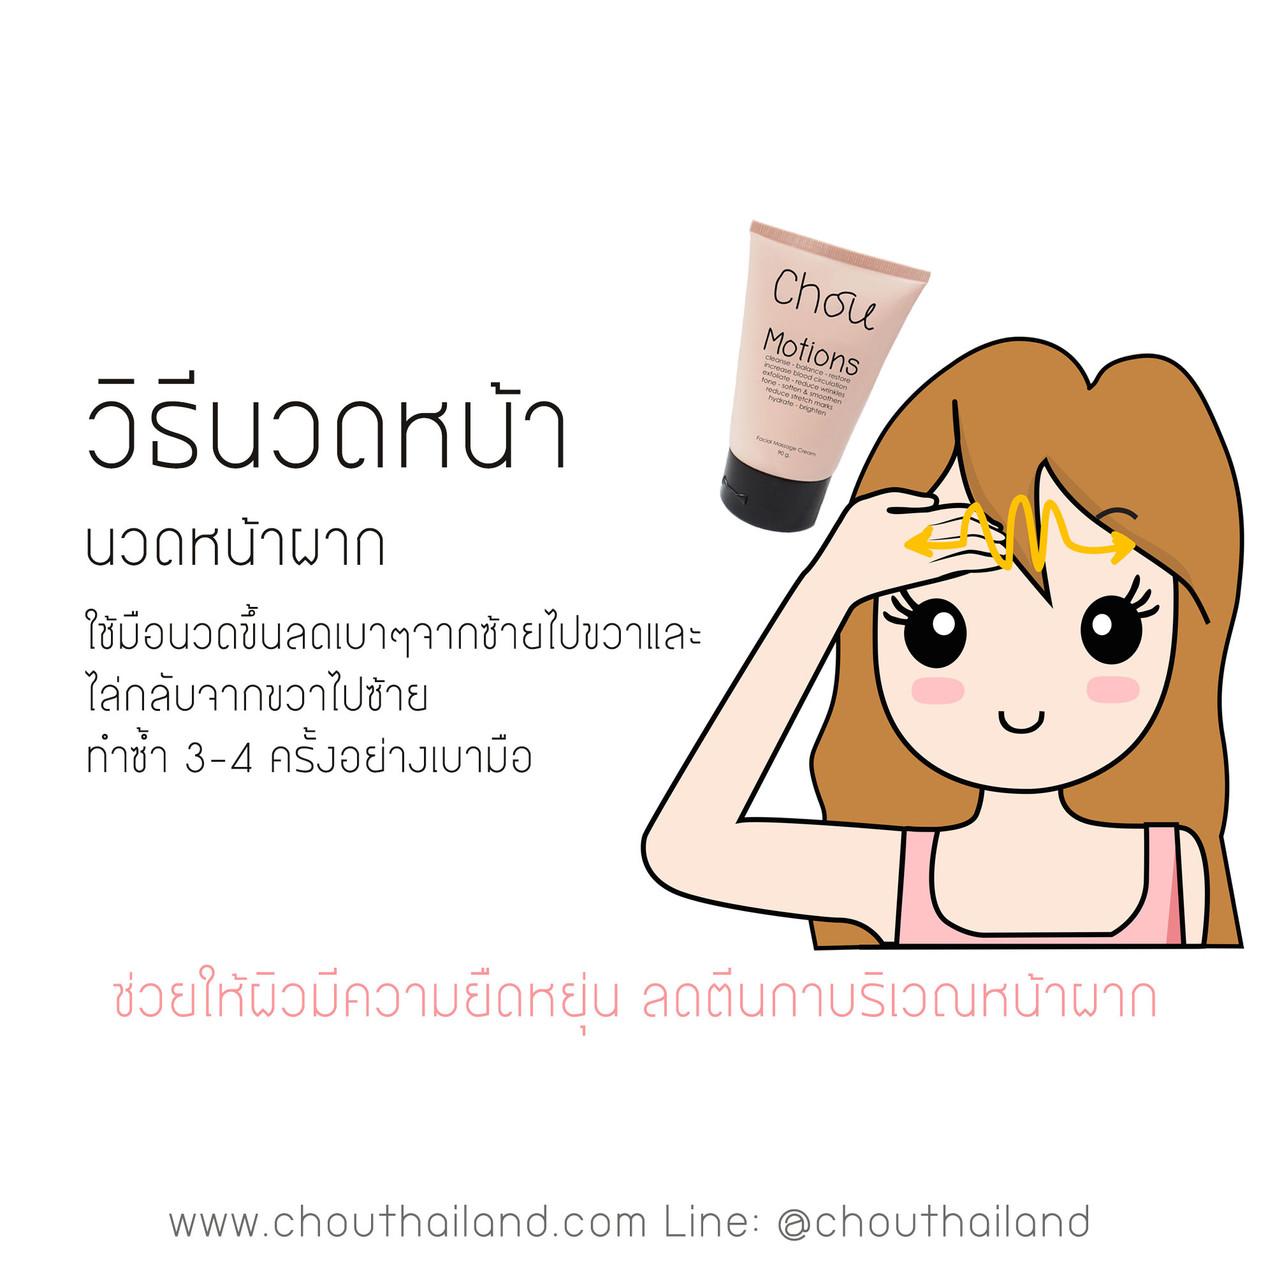 Motions Massage cream 15 forehead massage